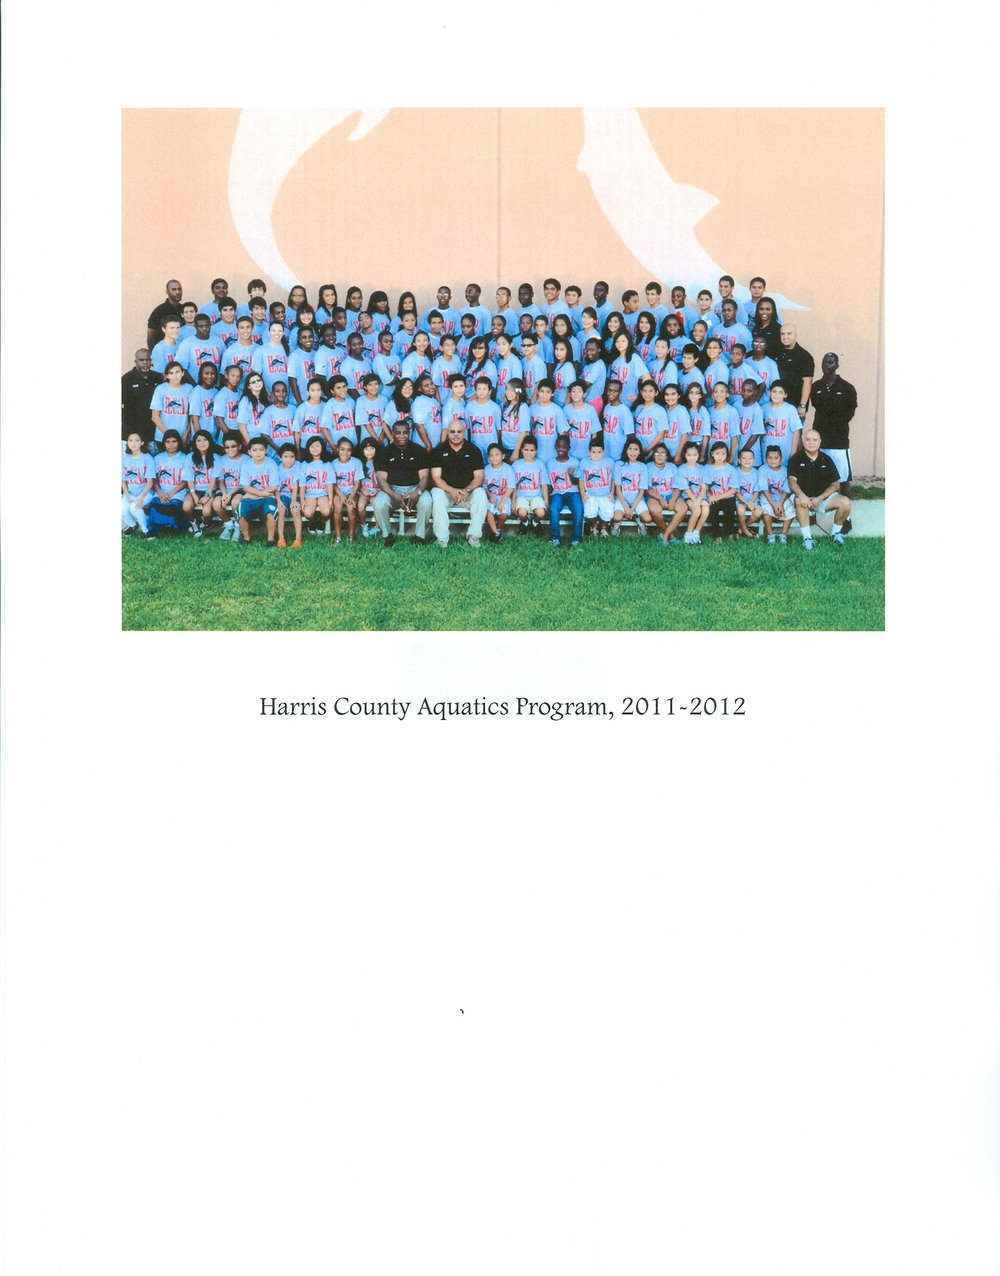 HCAP team.jpg